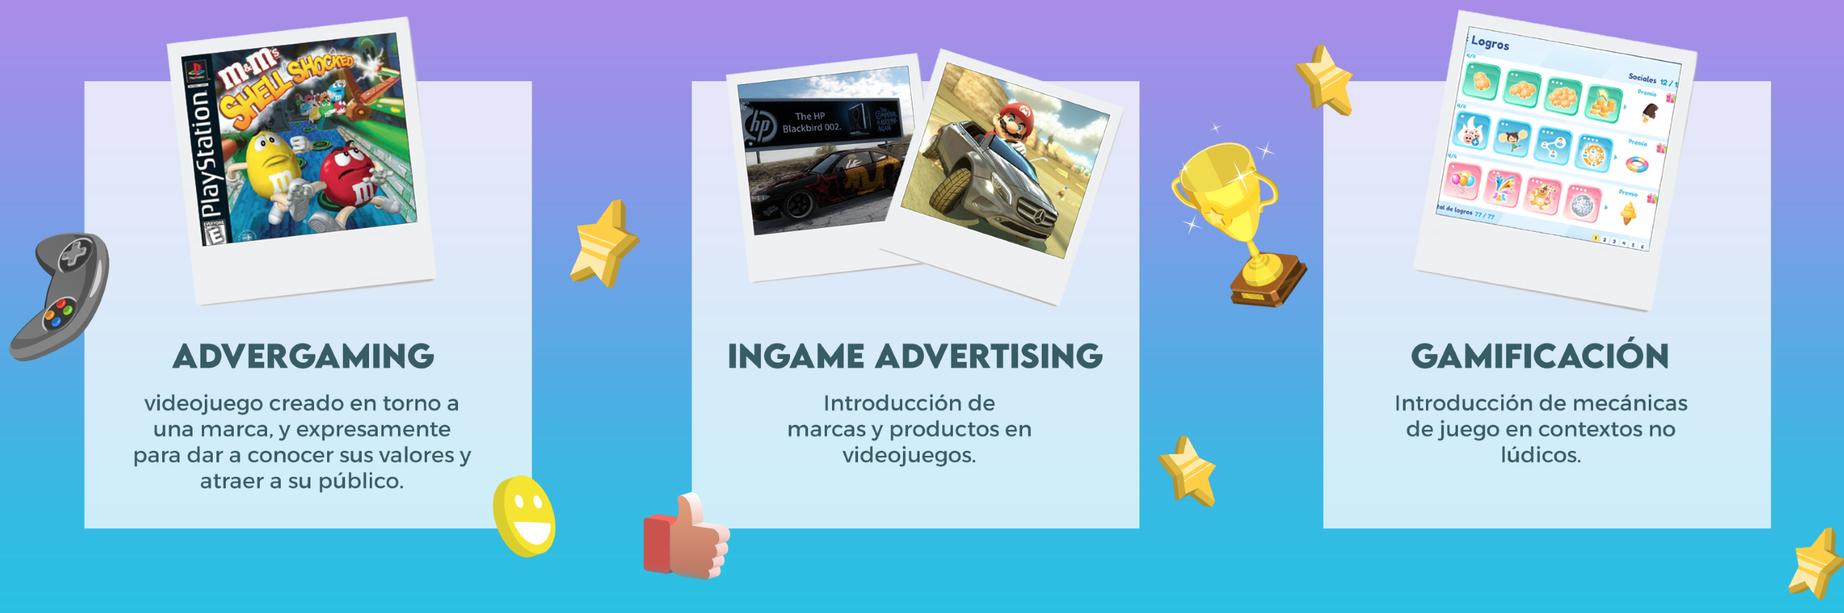 Videojuegos, videopublicidad: Advergaming, Ingame Advertising o gamificación